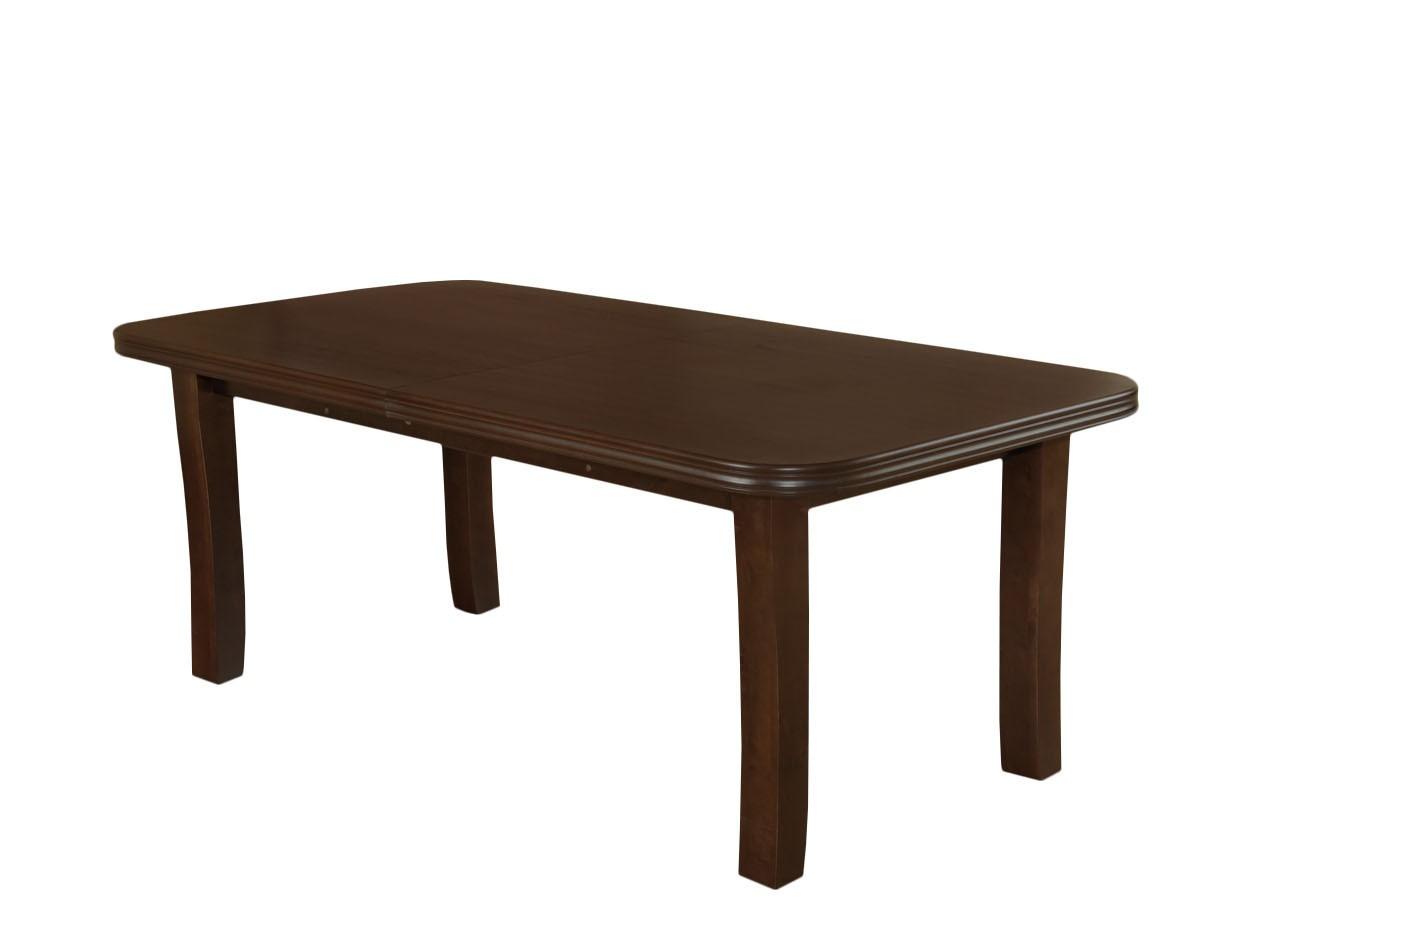 Stół SM11 rozkładany do 350 cm o szerokości 100 cm z trzema wkładkami